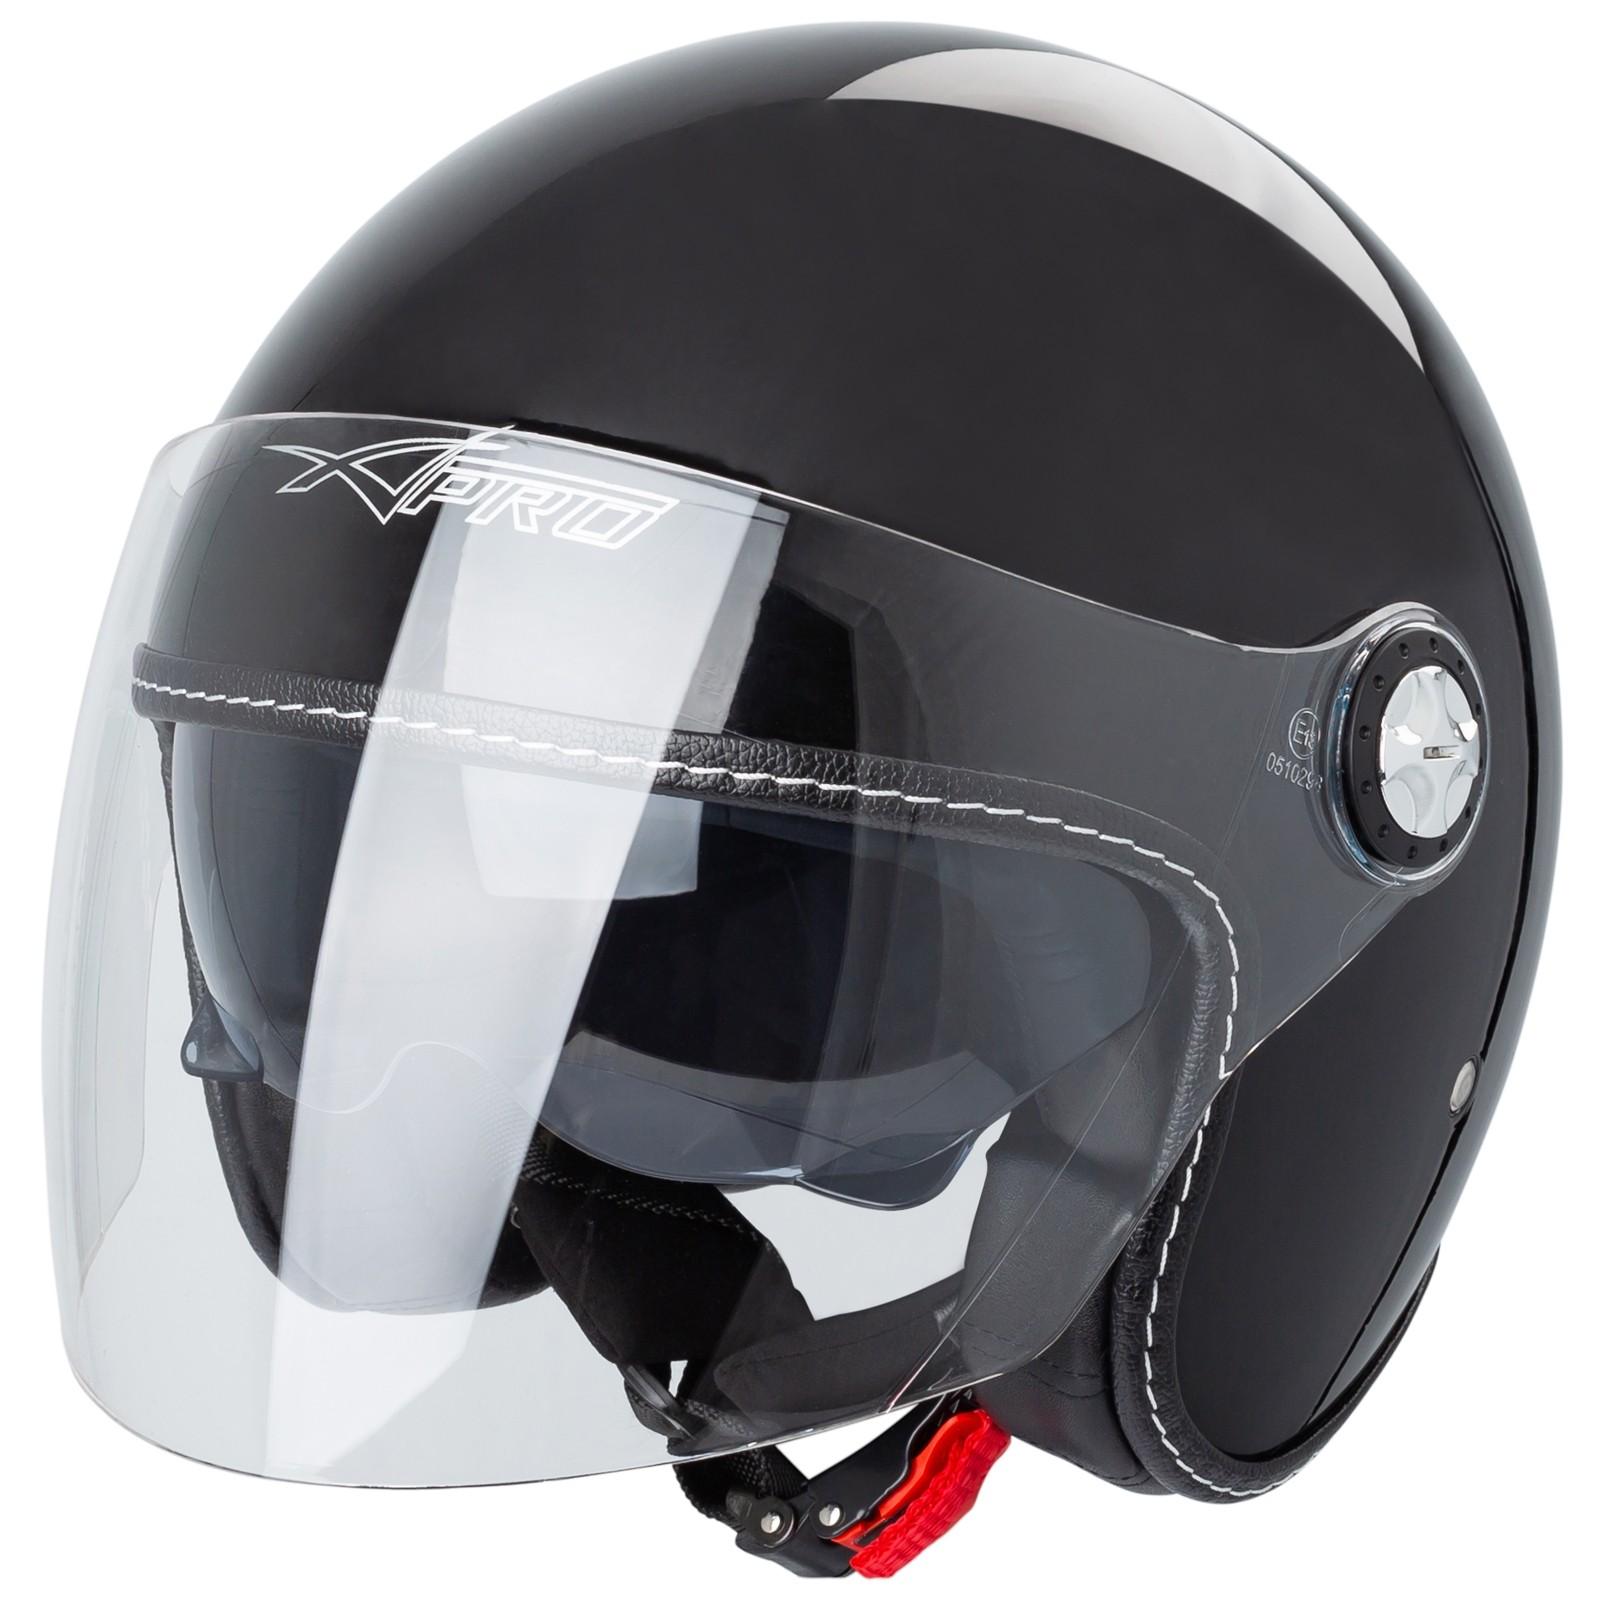 Casque Moto Scooter Jet Double Visiere Pare-Soleil ECE 22 Noir Mat XS